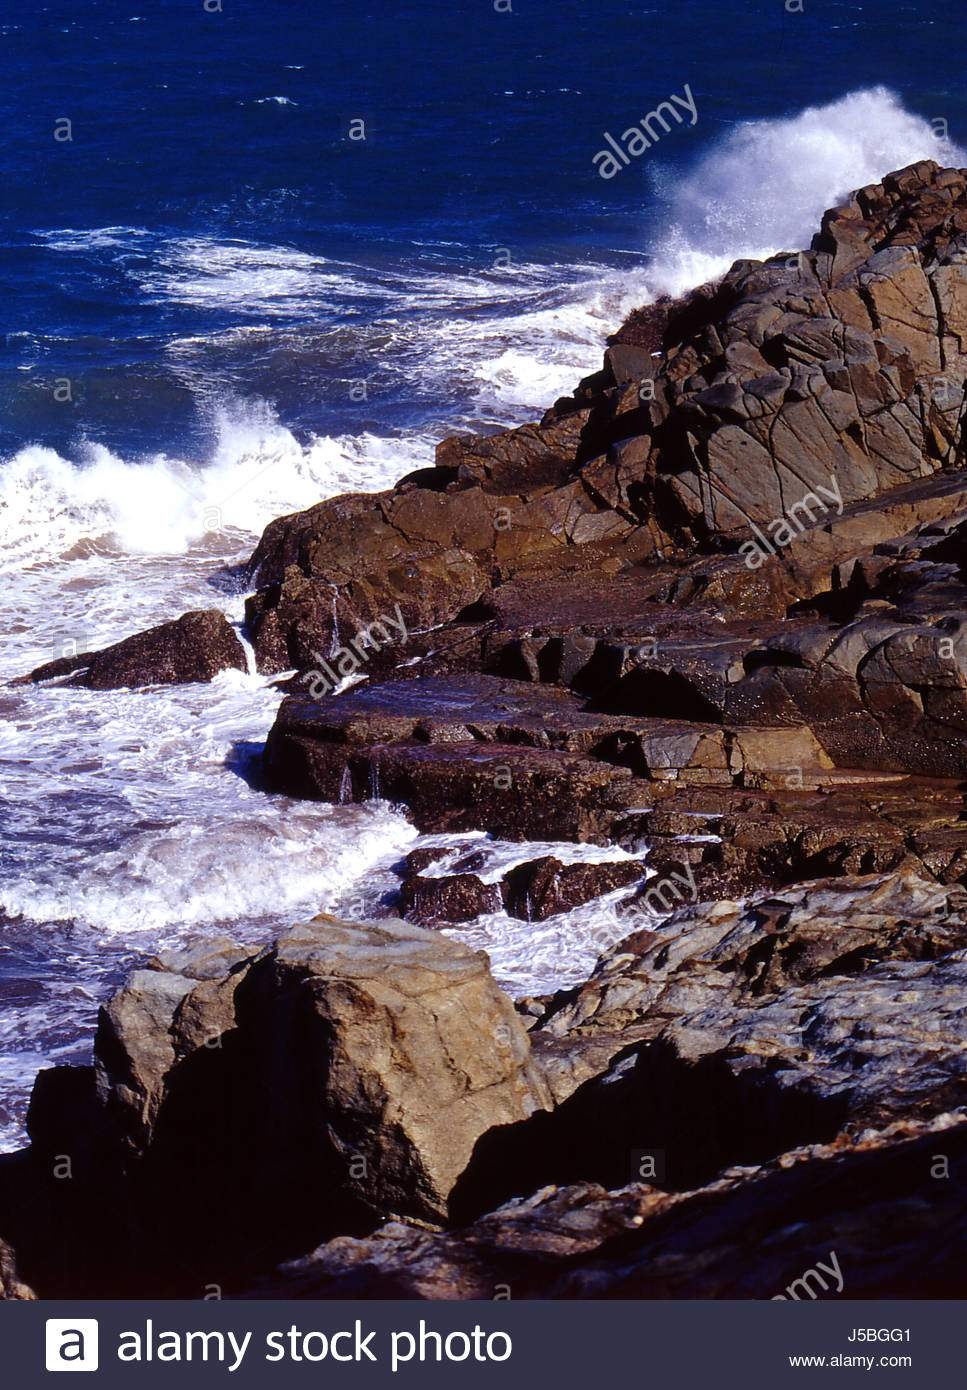 wellen australien pazifik salzwasser meer ozean wasser steilen kuste surfen wind j5bgg1